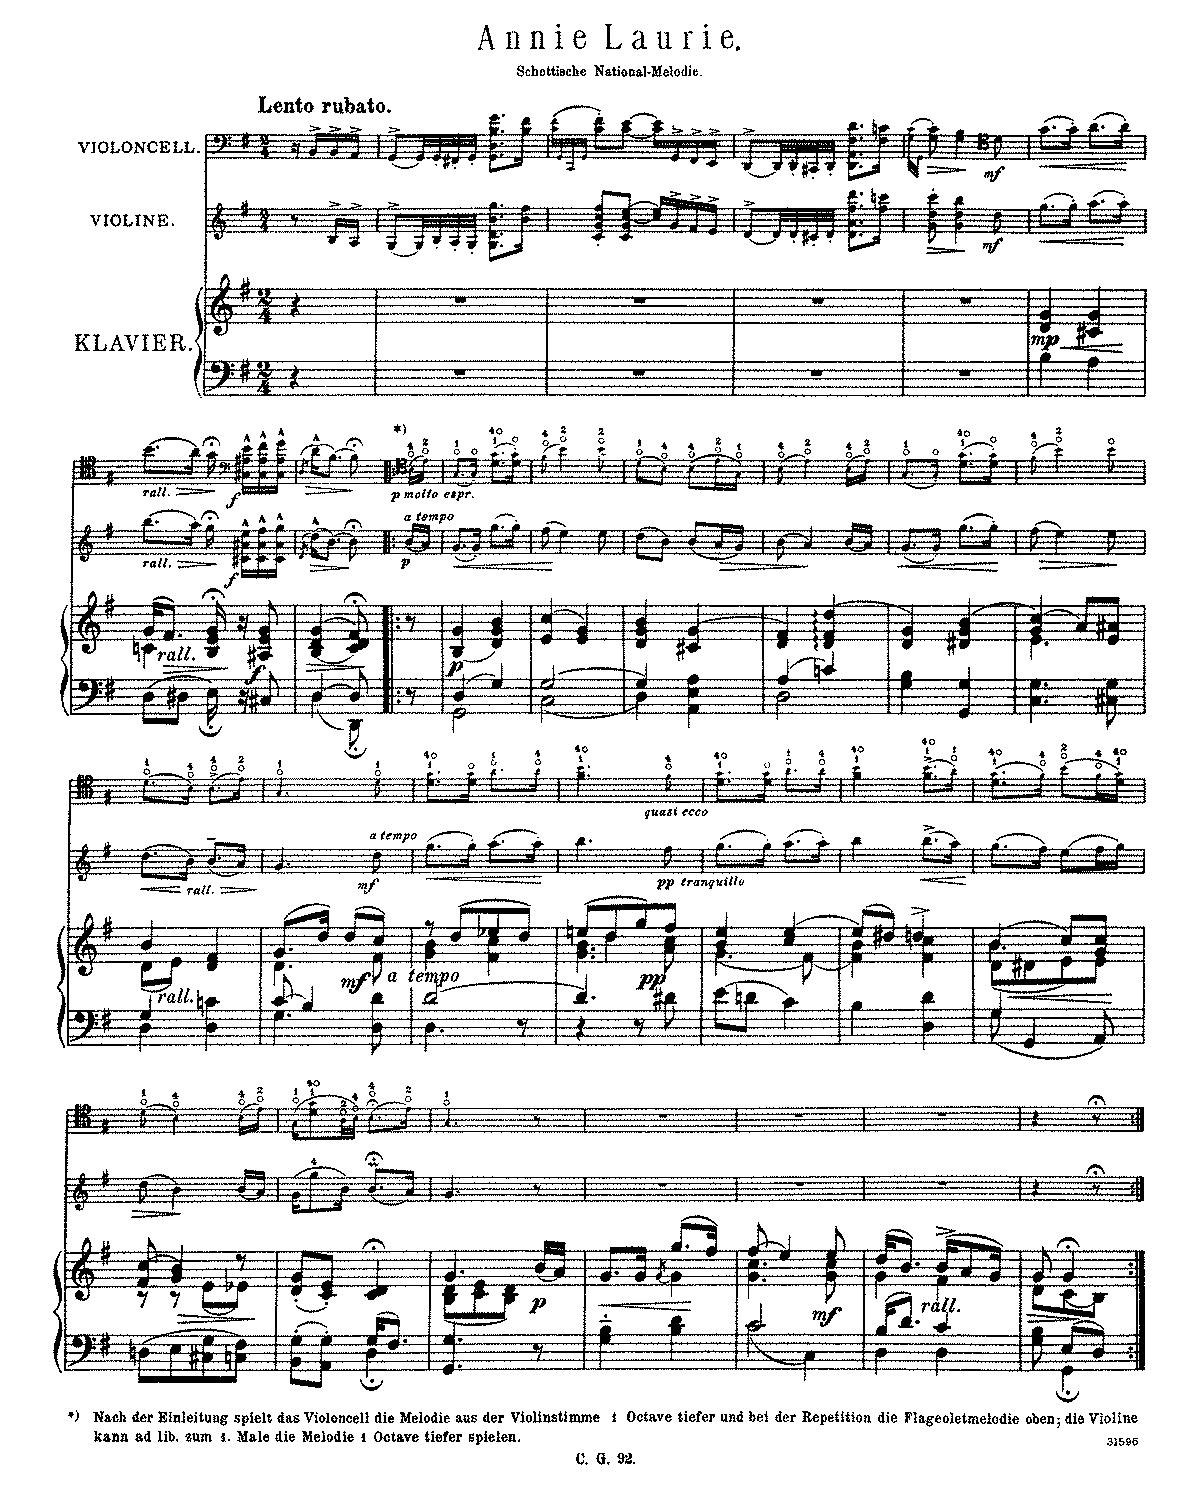 annie laurie piano sheet music pdf